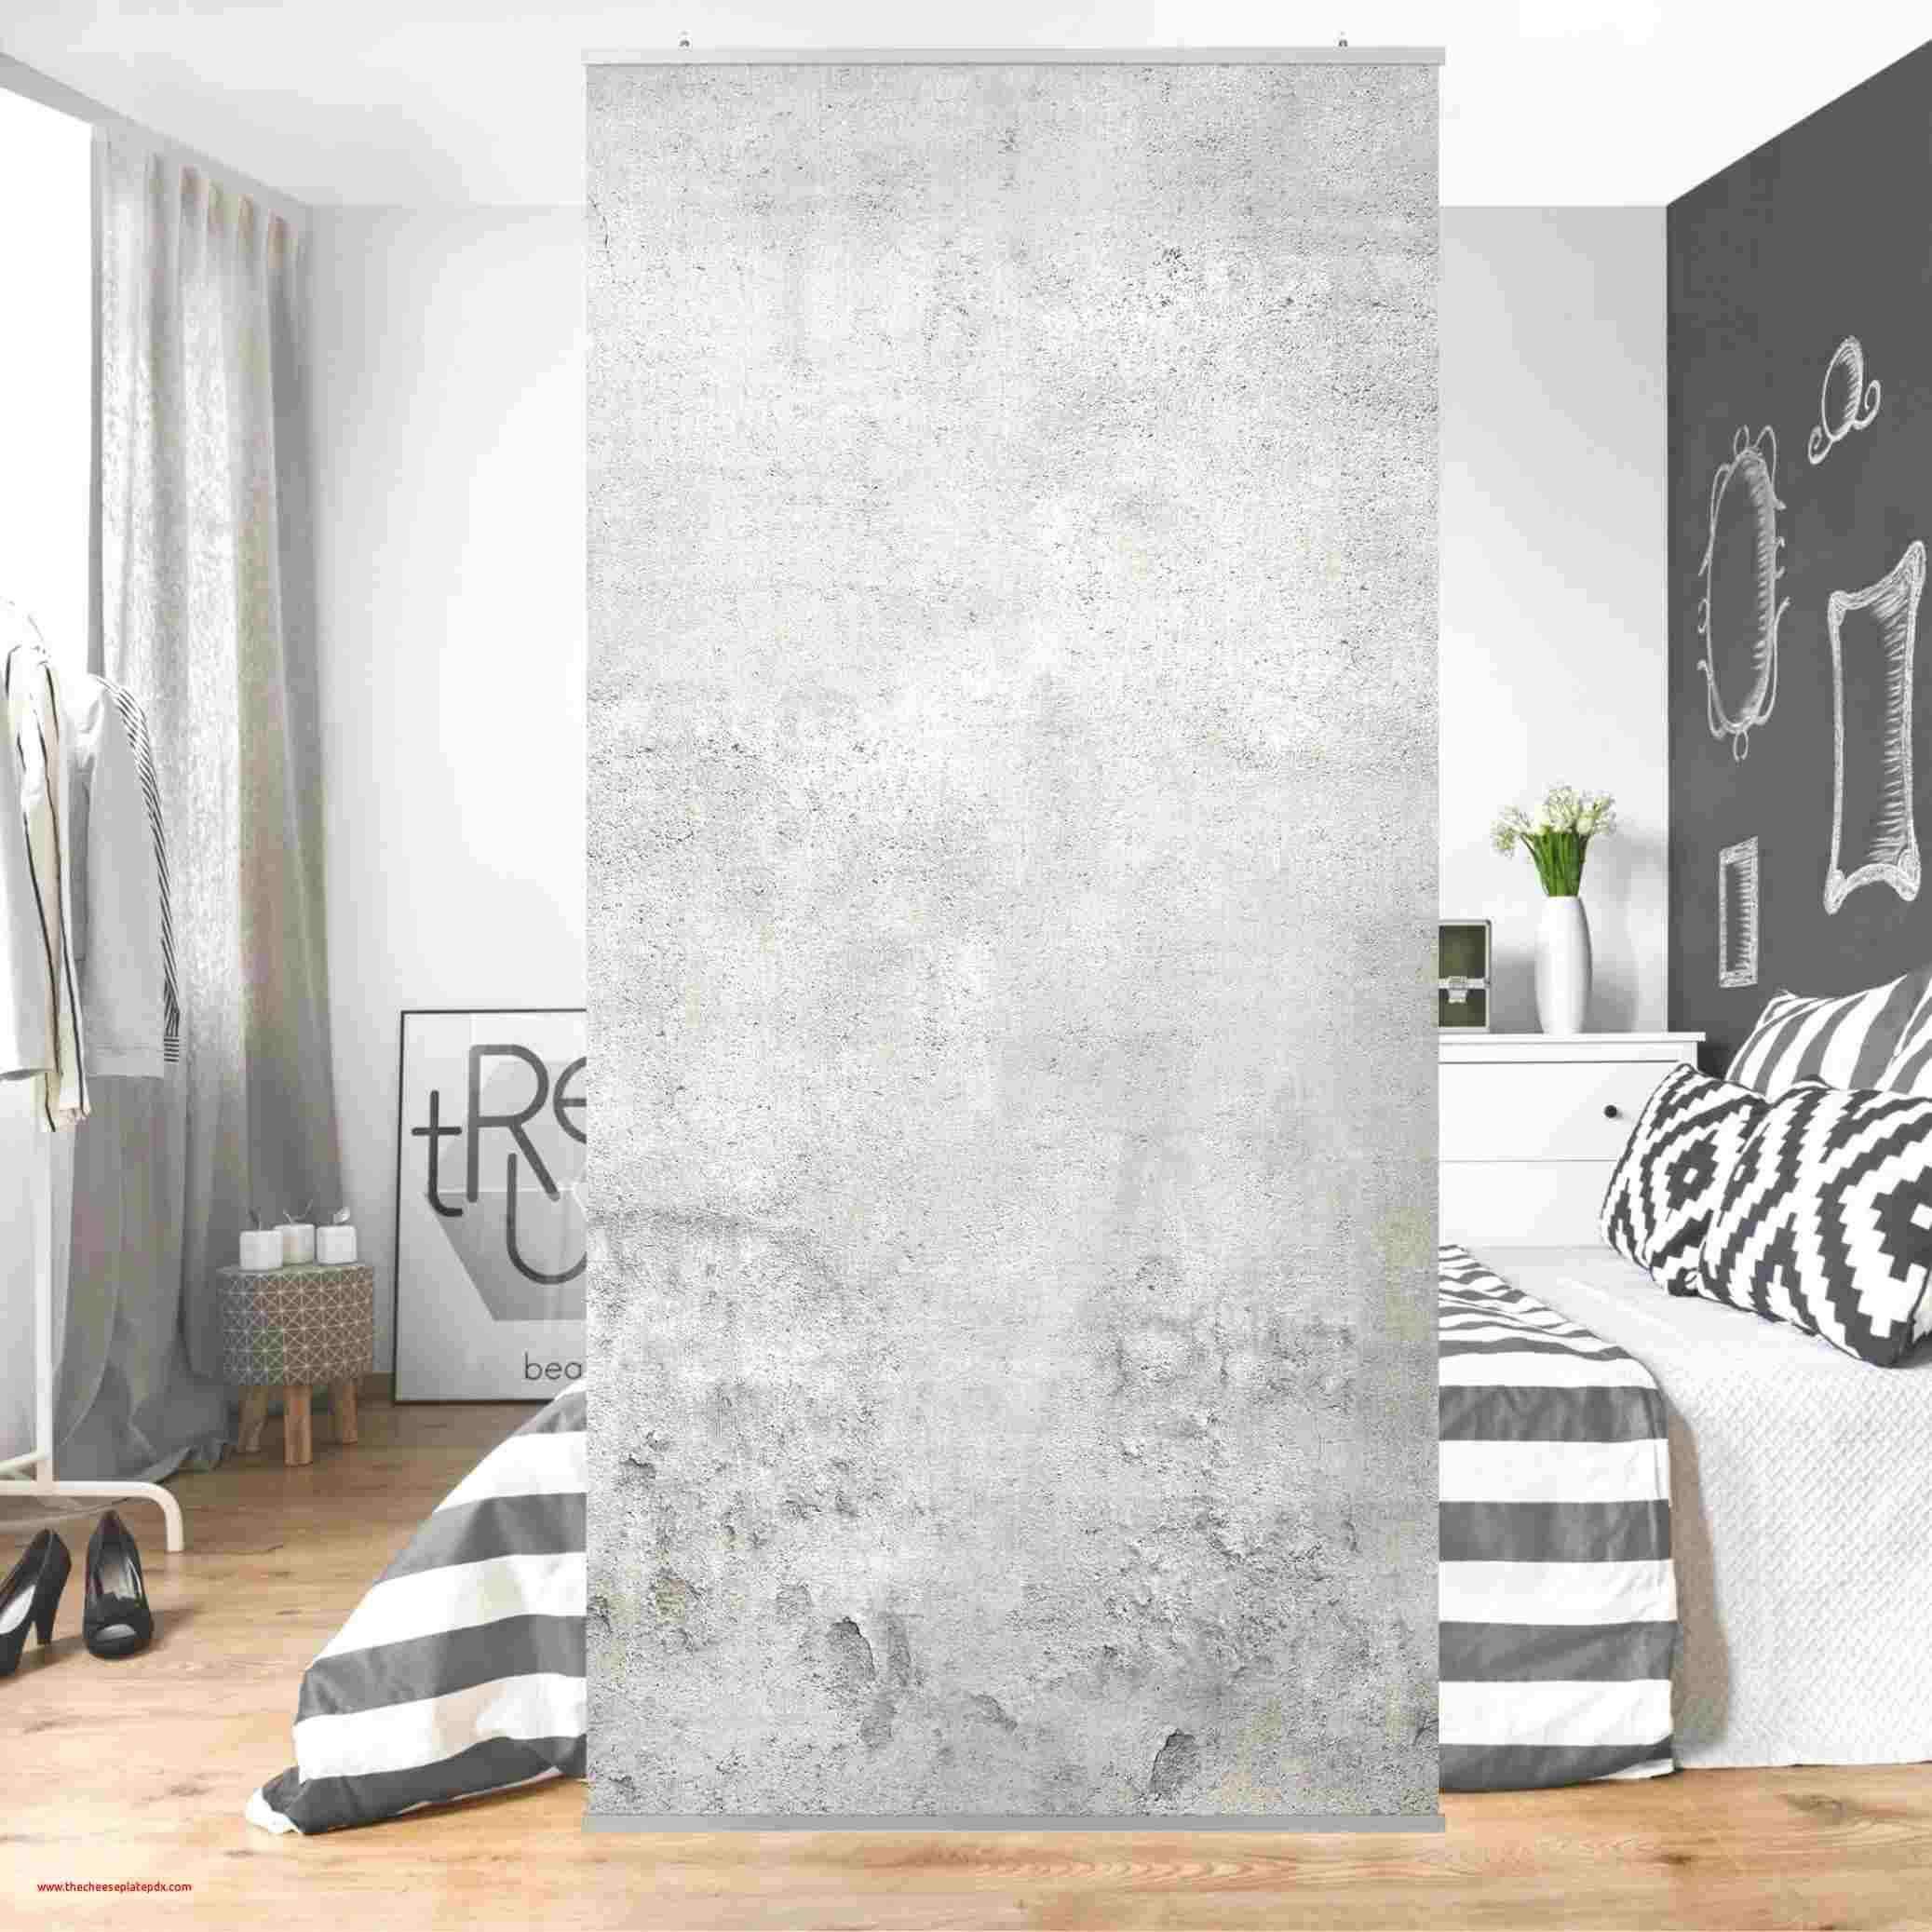 schiebetur garten elegant einzigartig wohnzimmerschrank schiebetur ideen of schiebetur garten